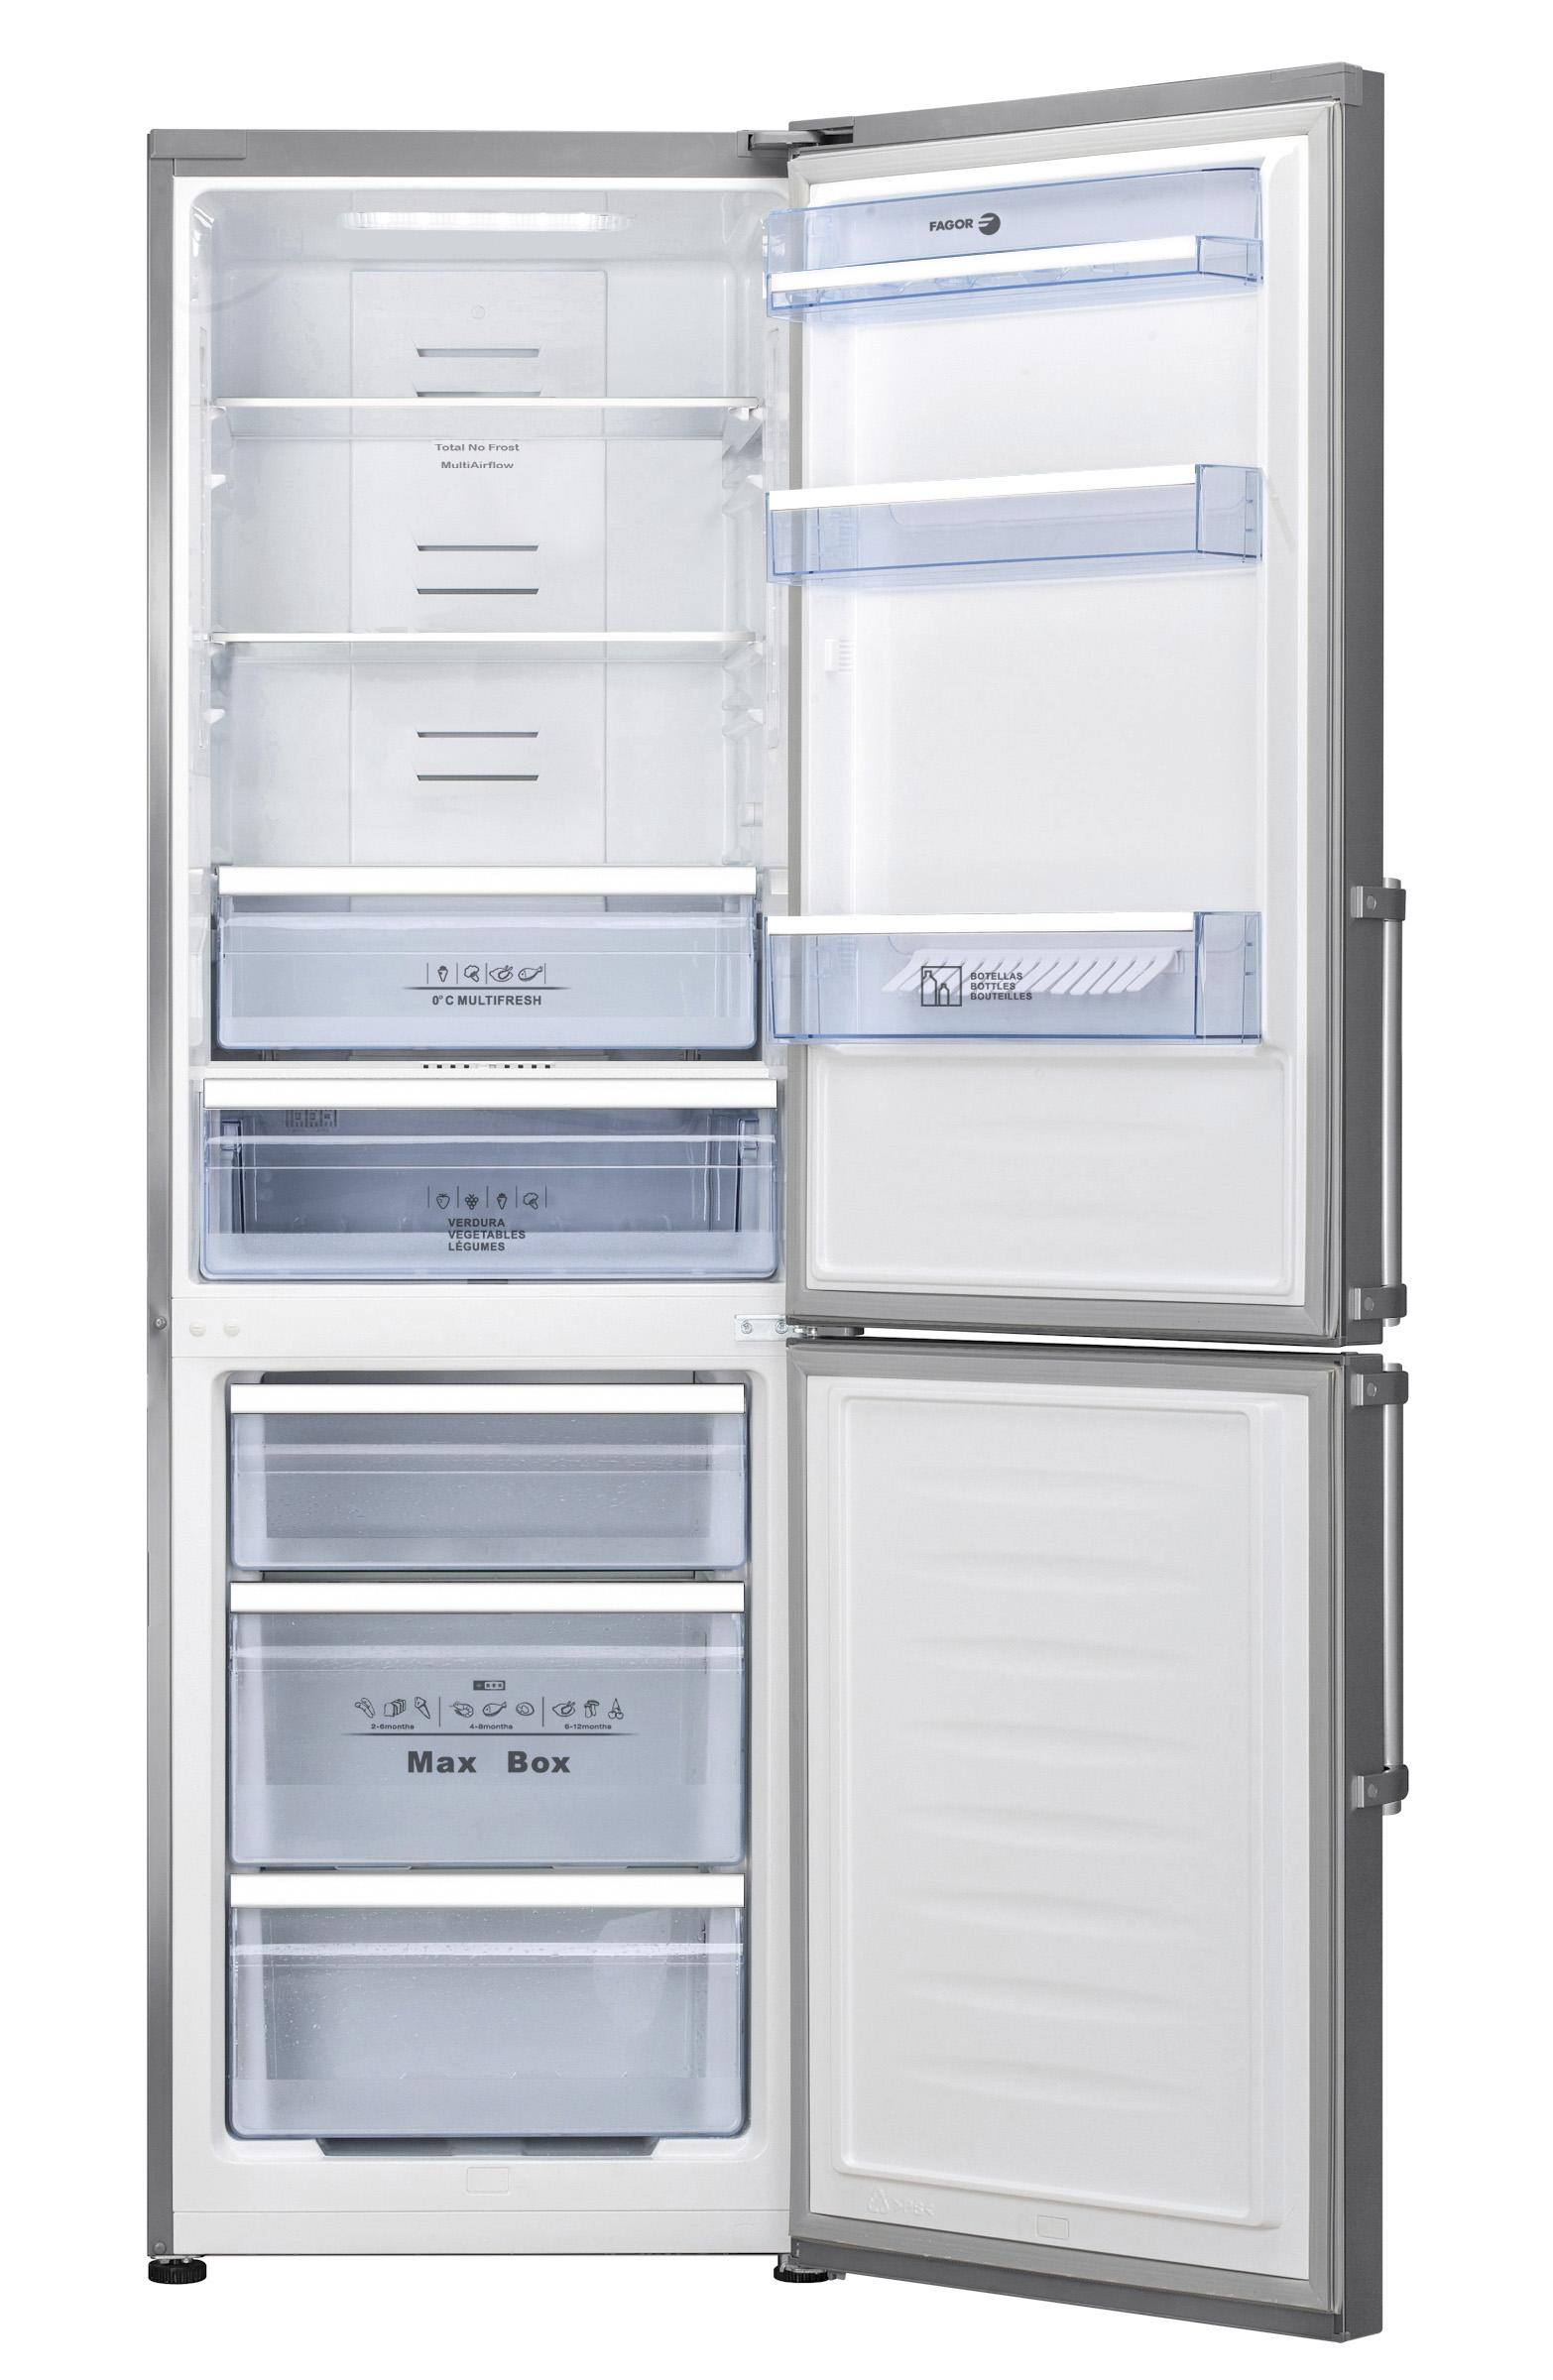 kombinovaná lednice FAGOR FFK-6735 BX